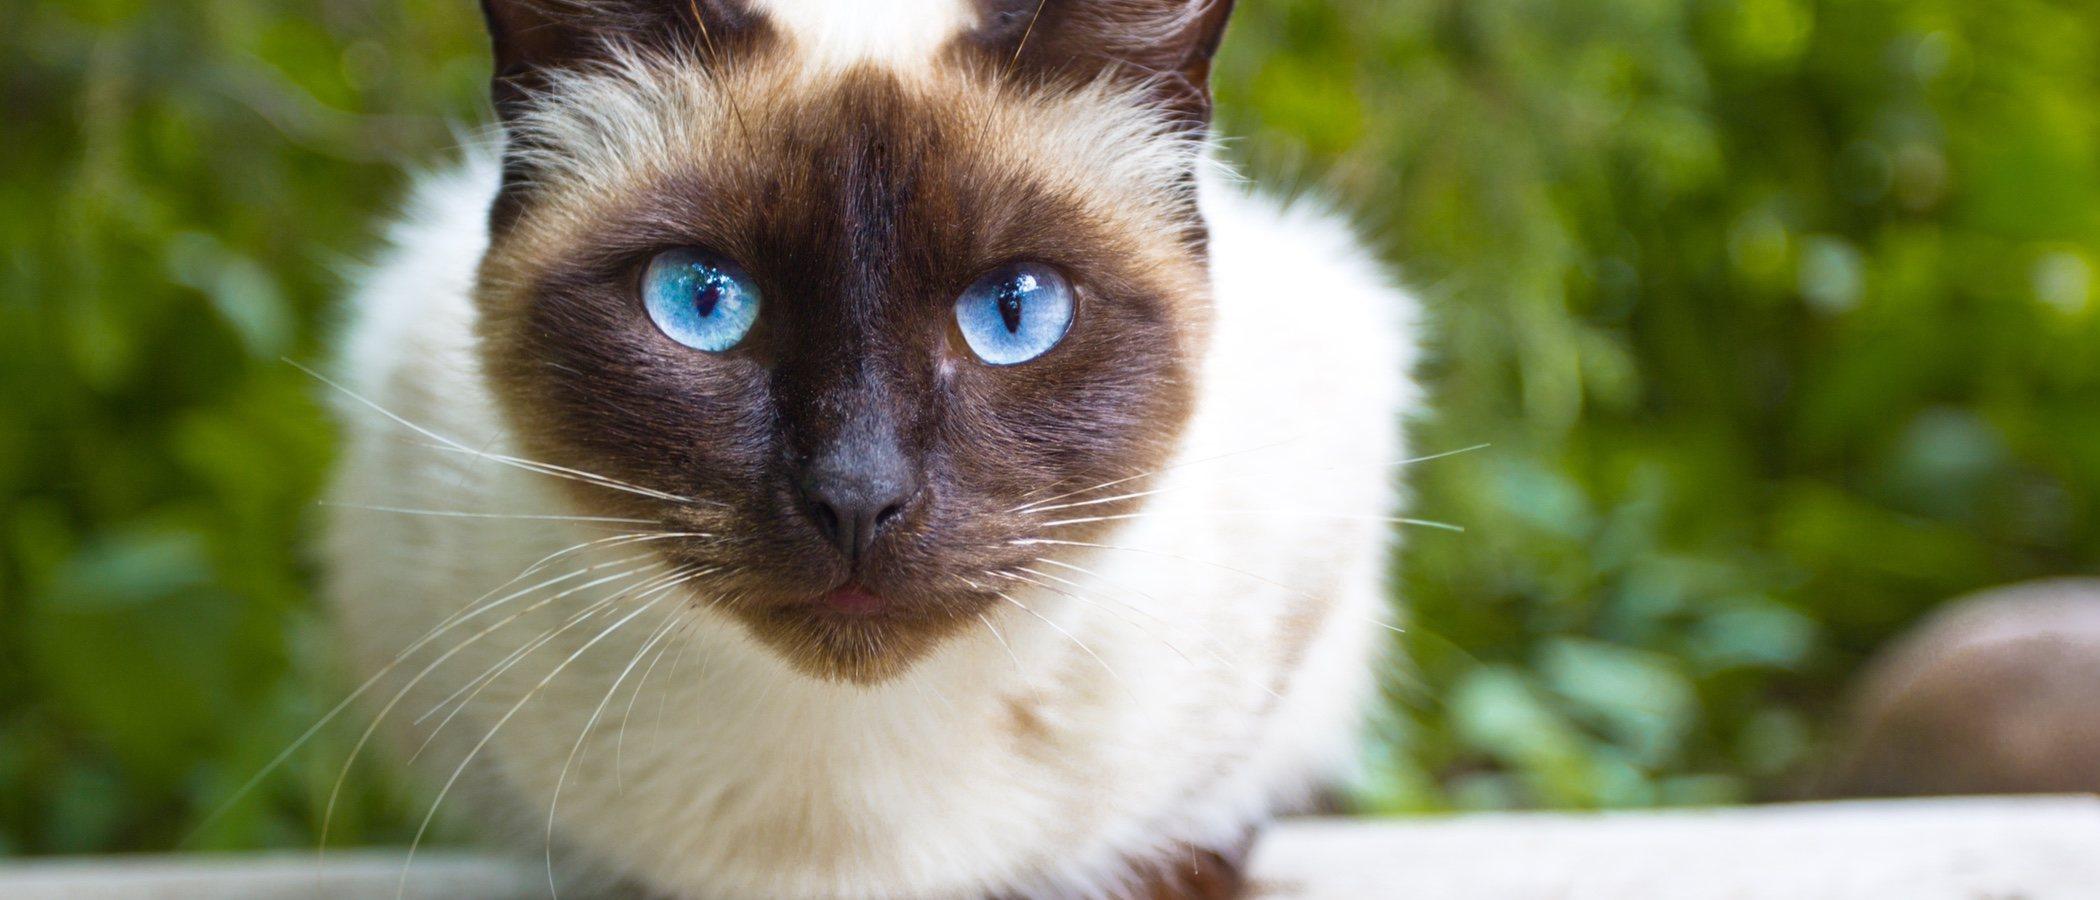 Gato siamés: toda la información sobre esta raza de felino